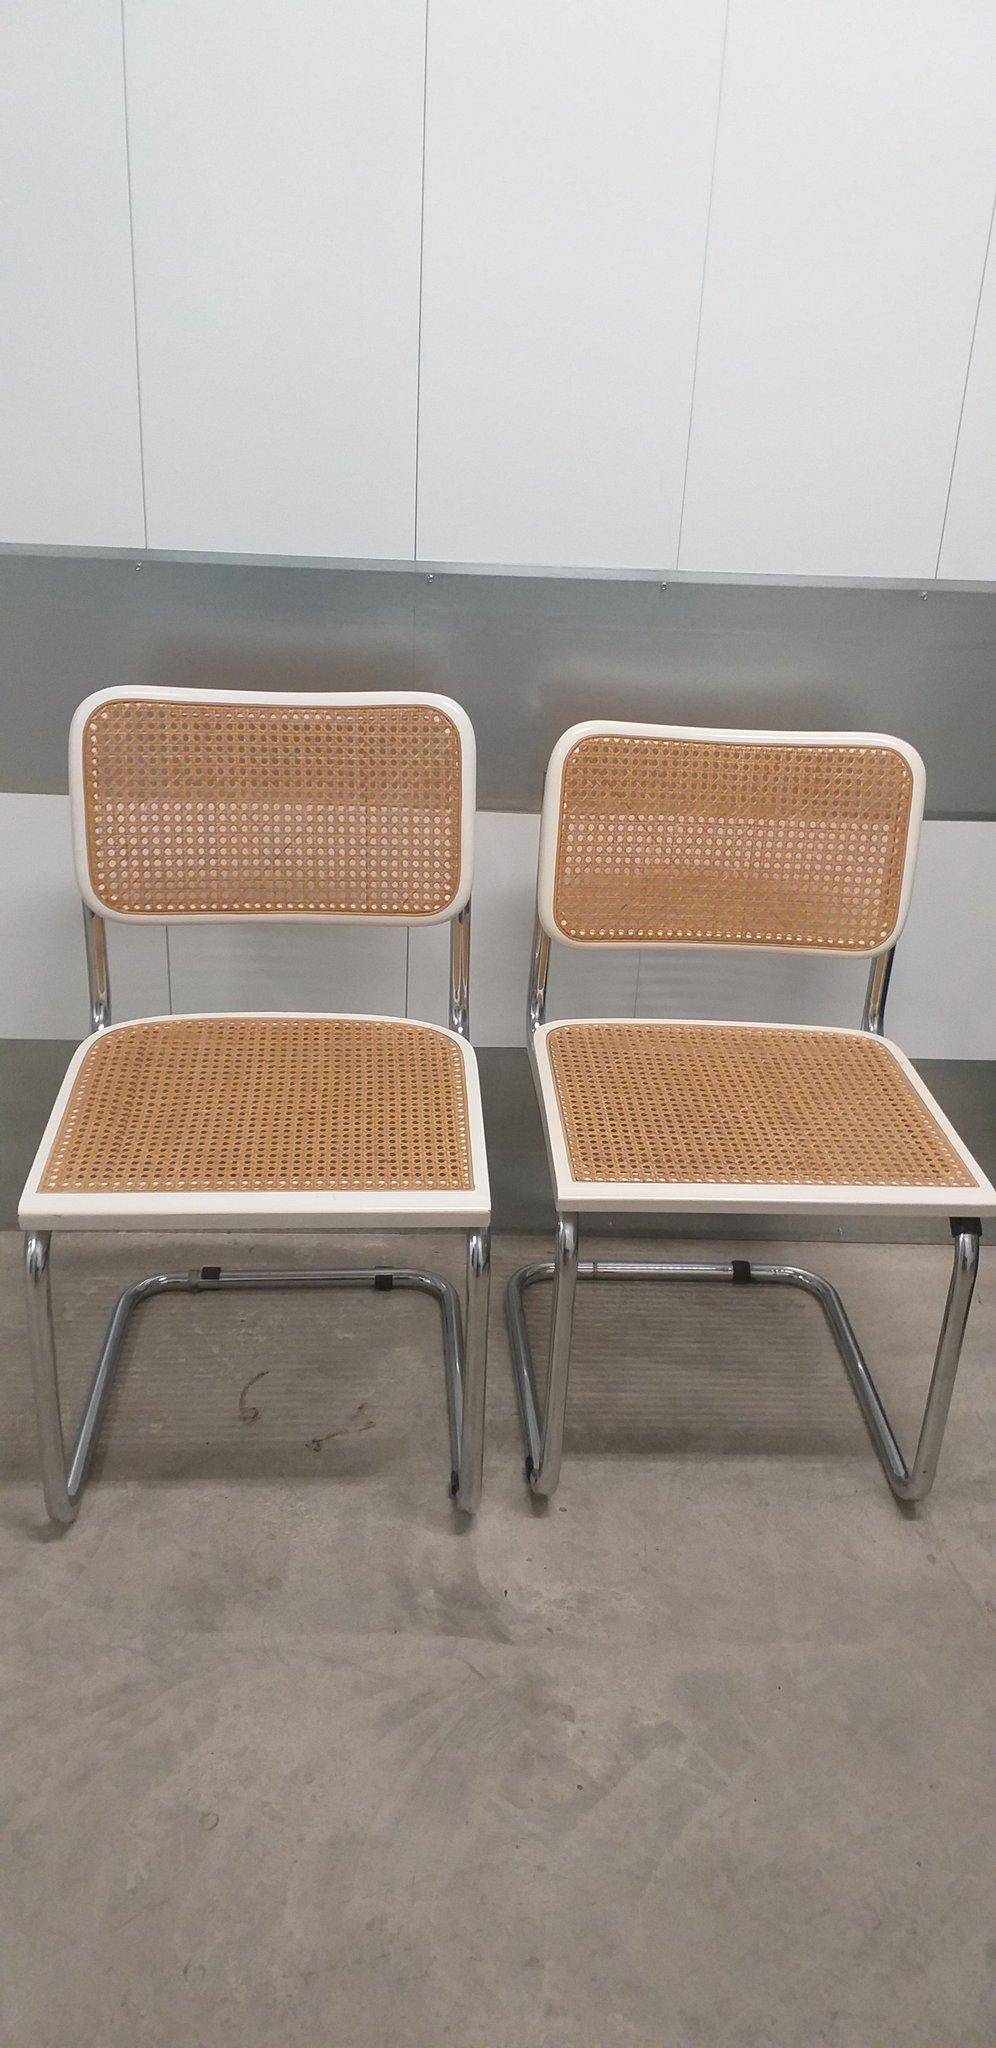 Fantastisk Två bauhaus stolar, köksstol, rotting, retro, v.. (362871004) ᐈ CF-61